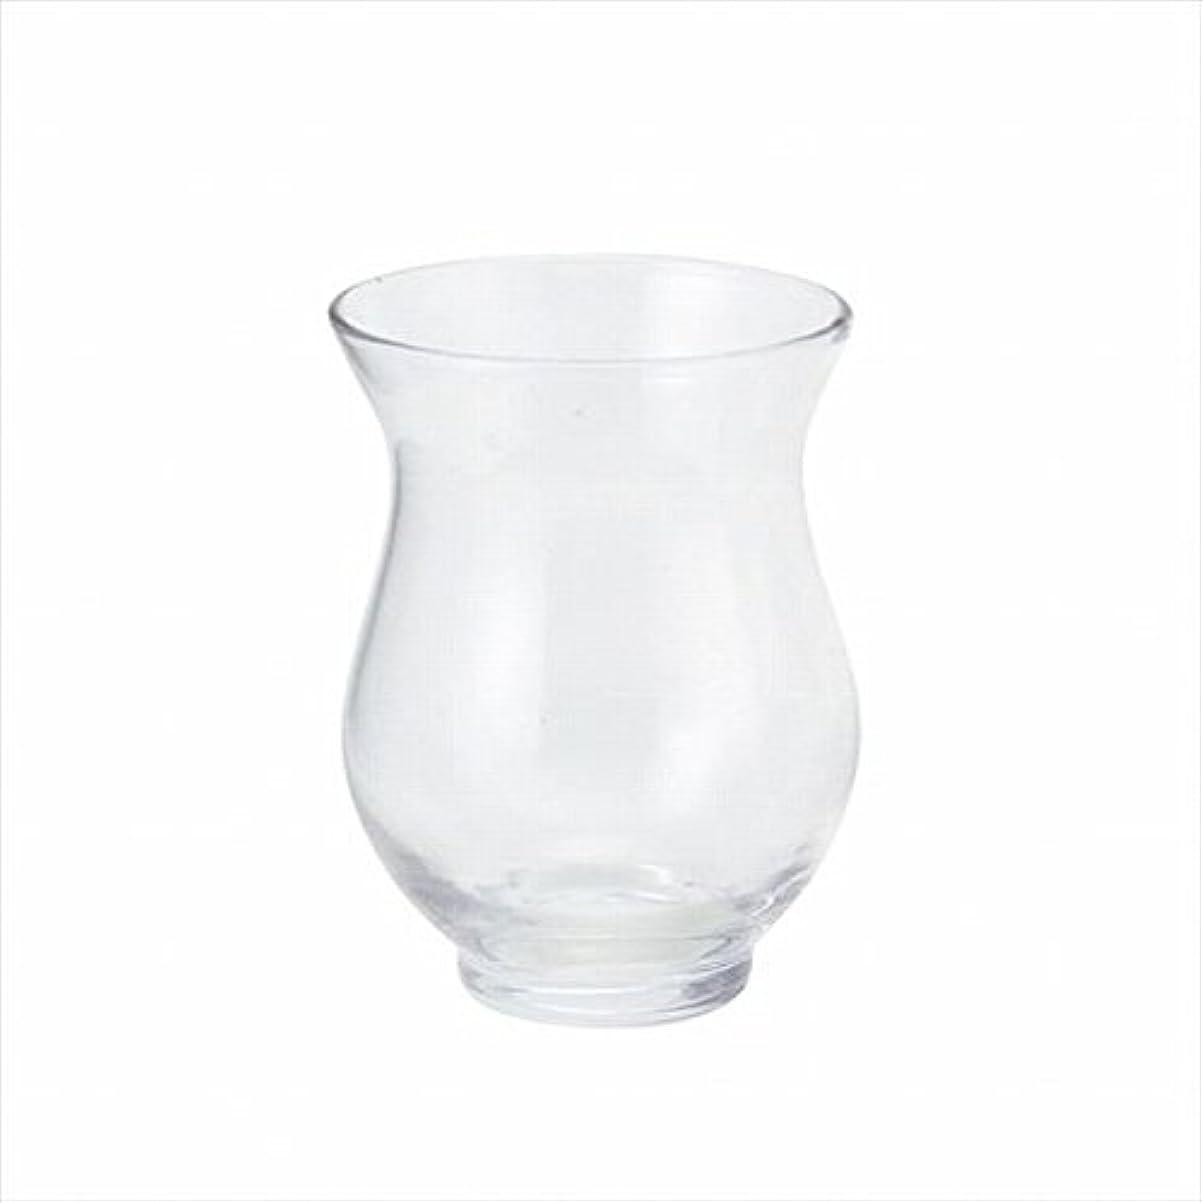 腹痛クレア閉じ込めるkameyama candle(カメヤマキャンドル) ウィンドライトエレガンスS キャンドル 75x75x100mm (D3825023)